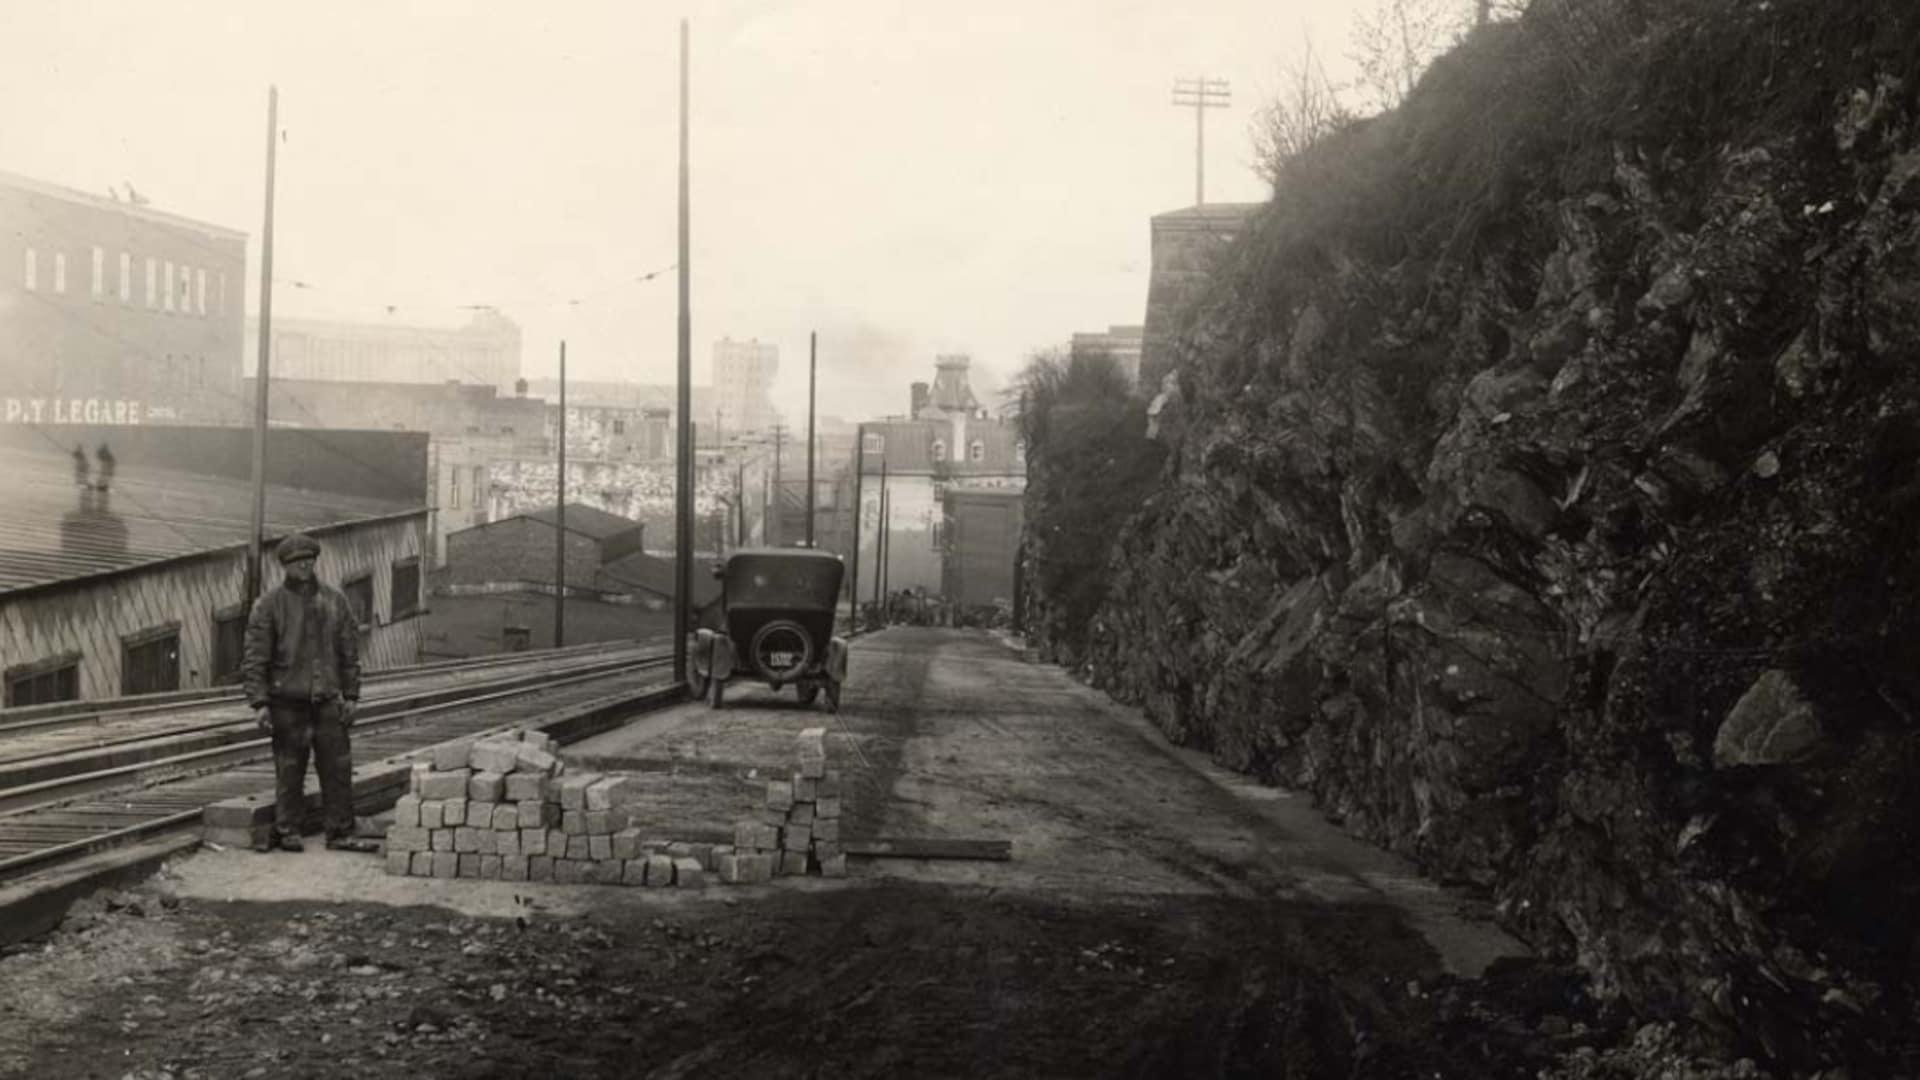 Un ouvrier nous regarde alors que des pavés s'empilent devant lui sur une photo des années 1920. Une voiture est stationnée un peu plus bas. Les travaux permettent de créer un passage pour les voitures le long de la falaise.